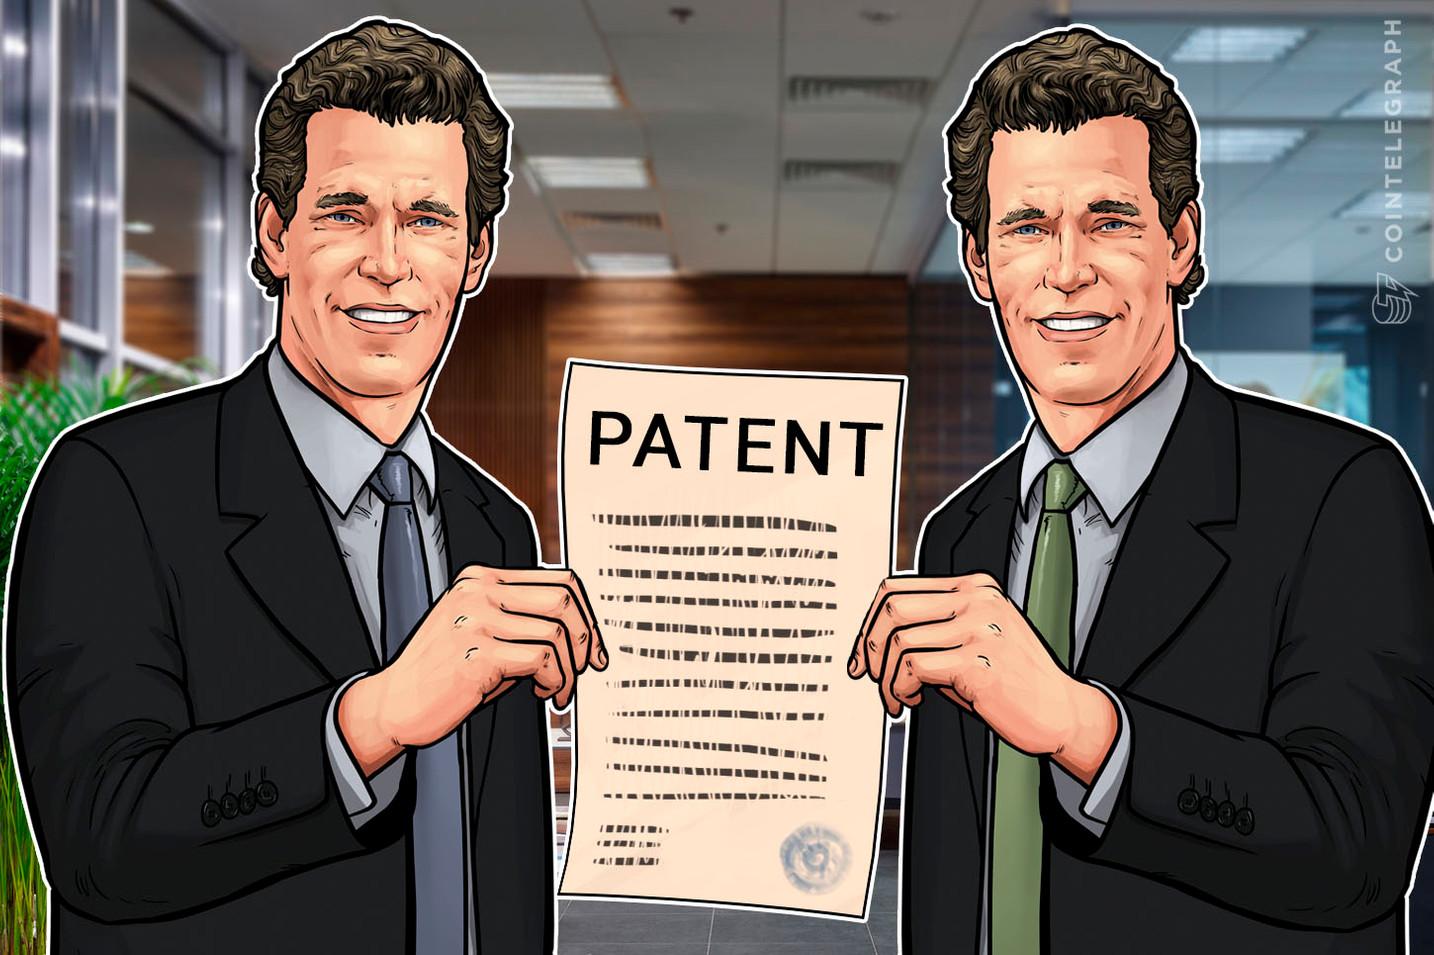 Los hermanos Winklevoss reciben una patente para el sistema de seguridad de transacciones digitales